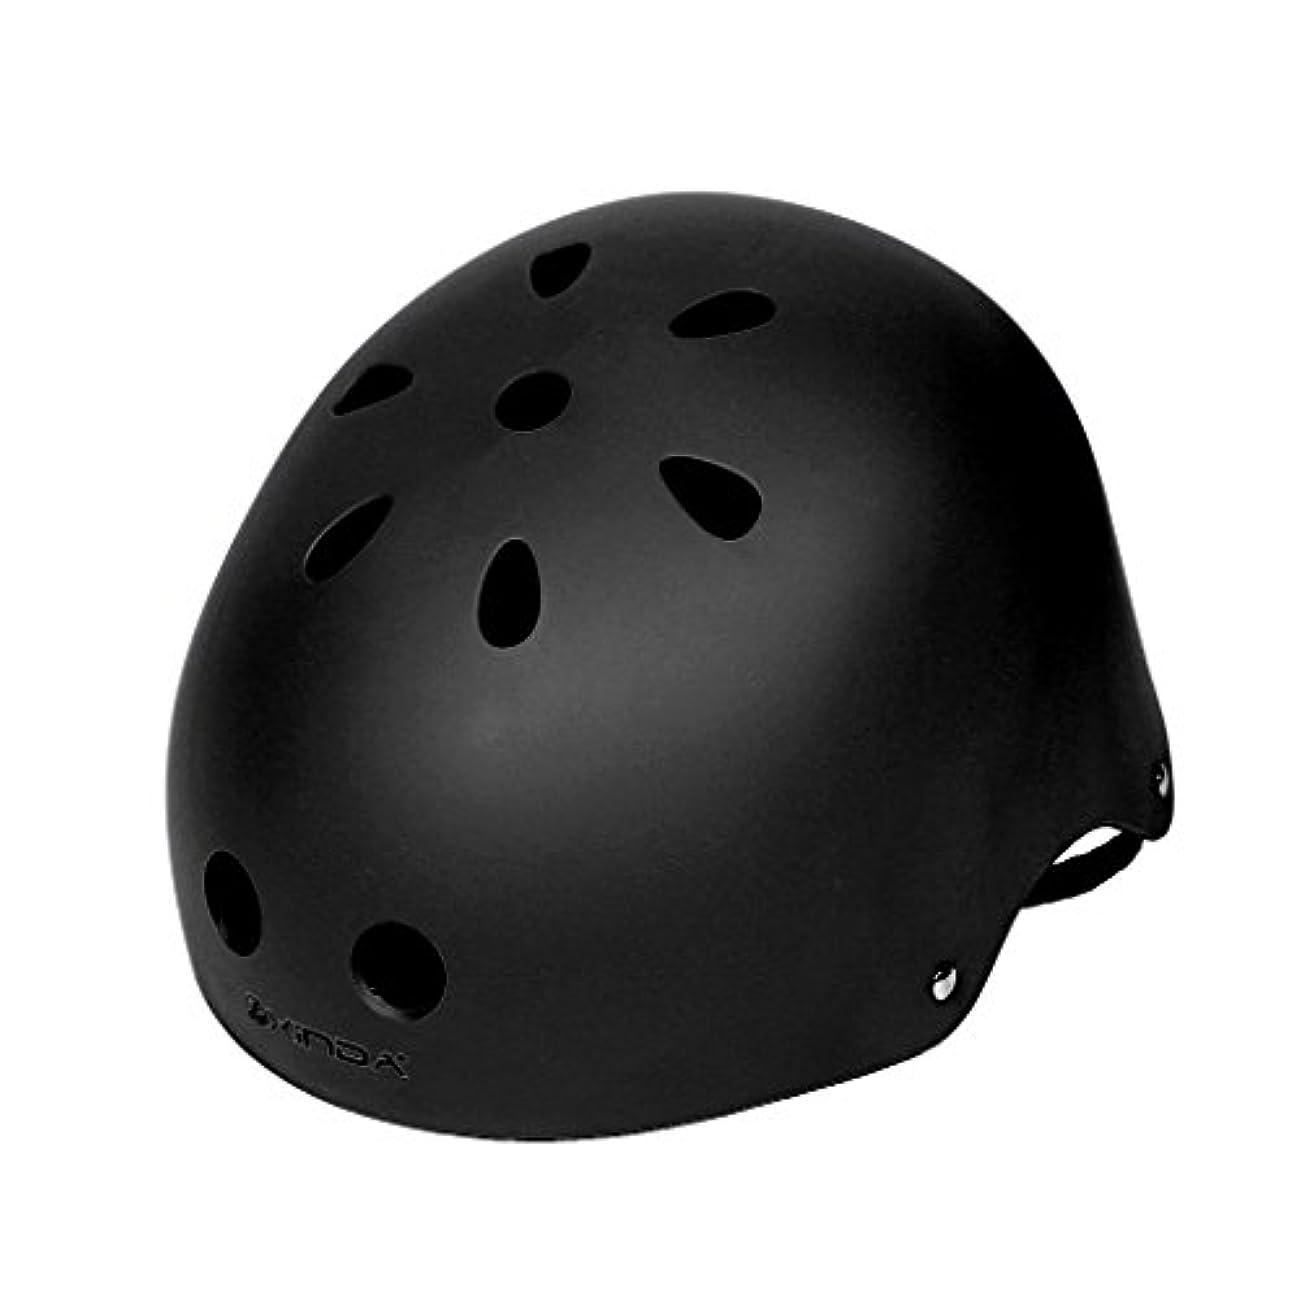 進捗打撃定説Perfk 保護ヘルメット 衝撃吸収 屋外 登山用 空中作業 カヤック プロテクター 全2サイズ5色選択 大人/キッズ